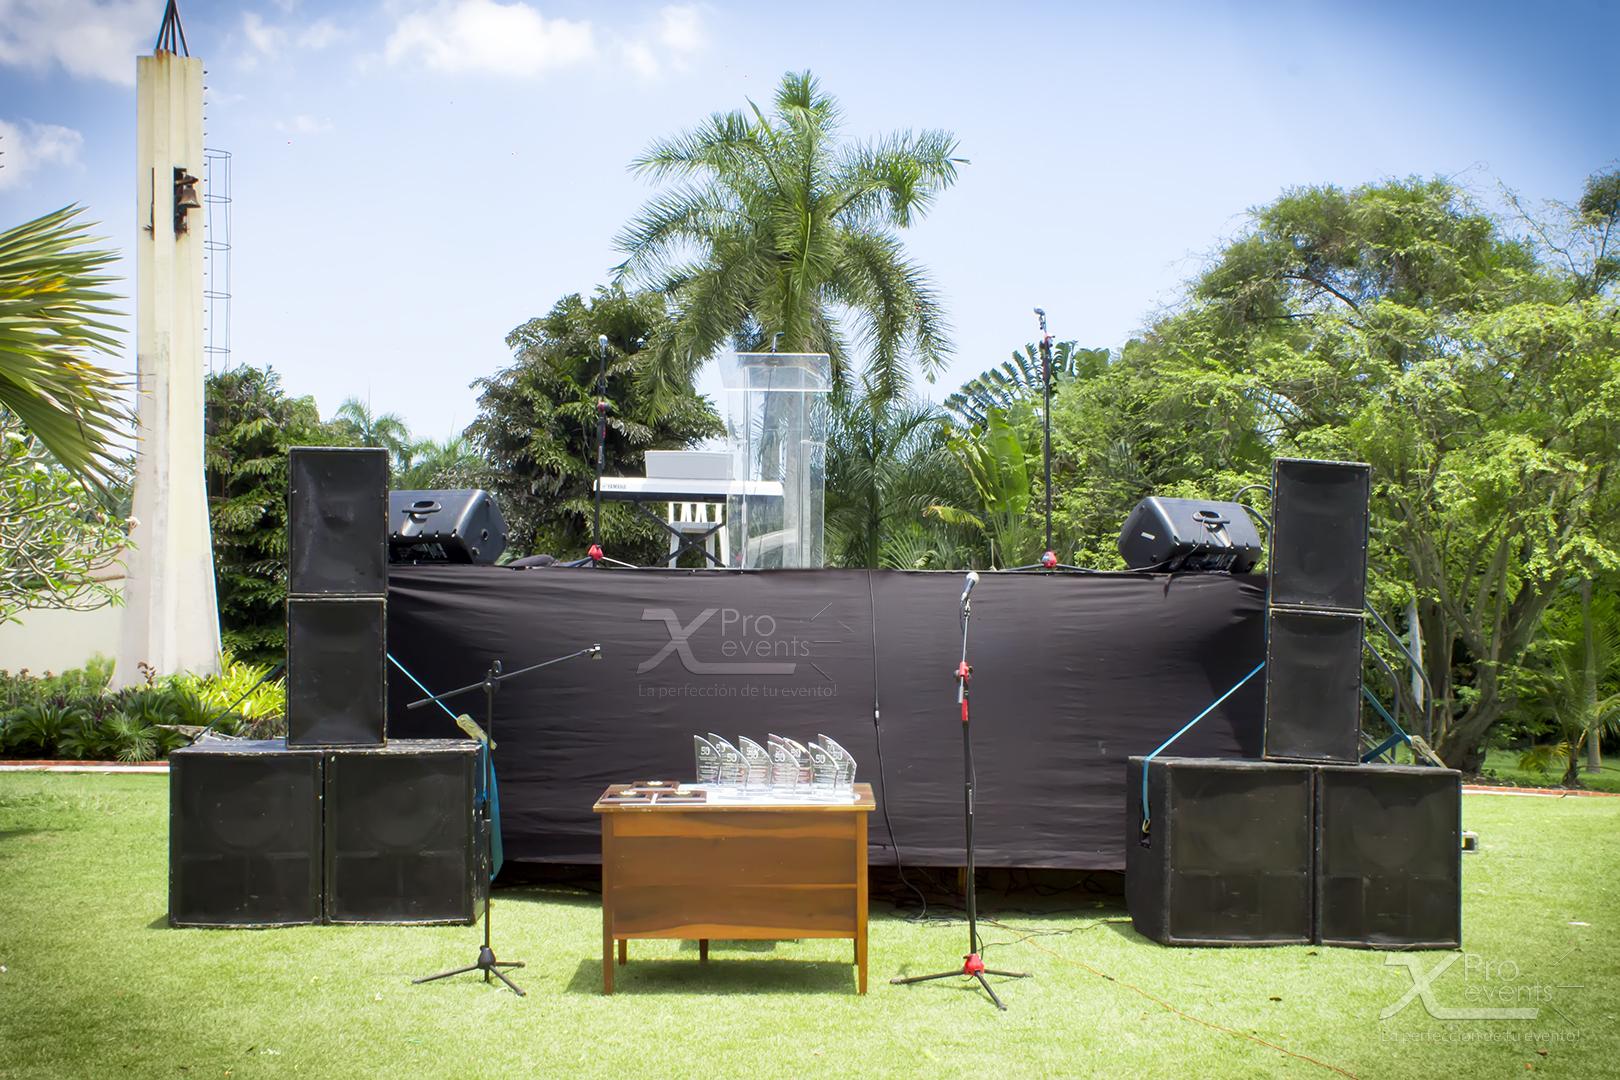 X Pro events - Tarima con sonido podium acrilico y microfonos (2)